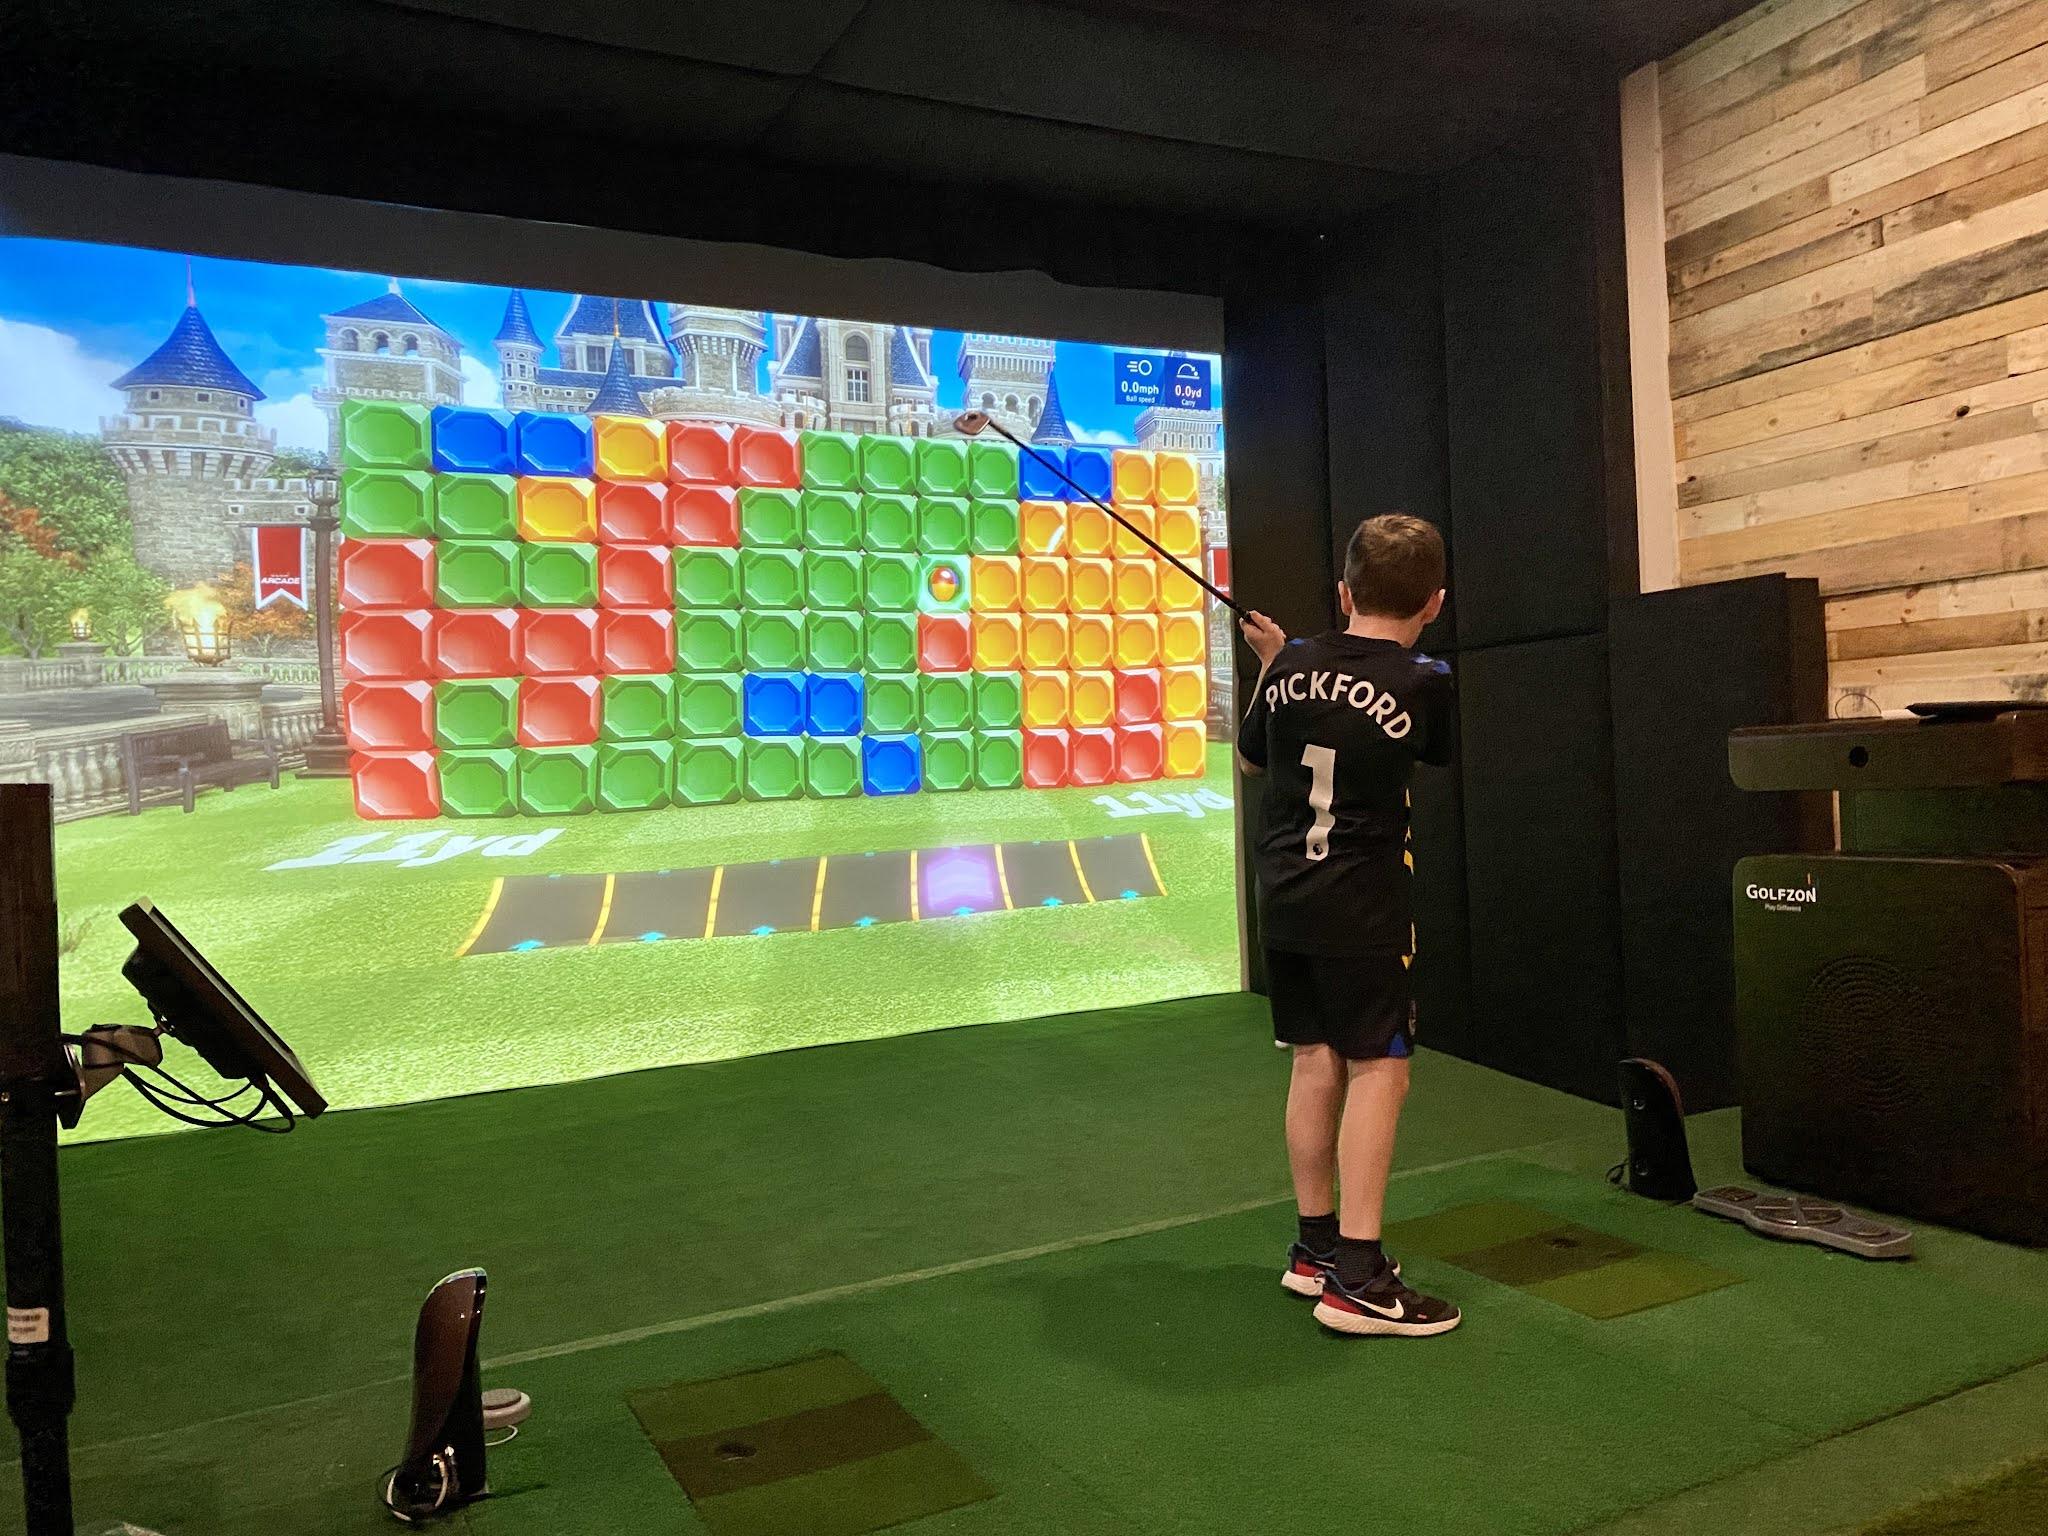 Goin' Golf, Stoke on Trent